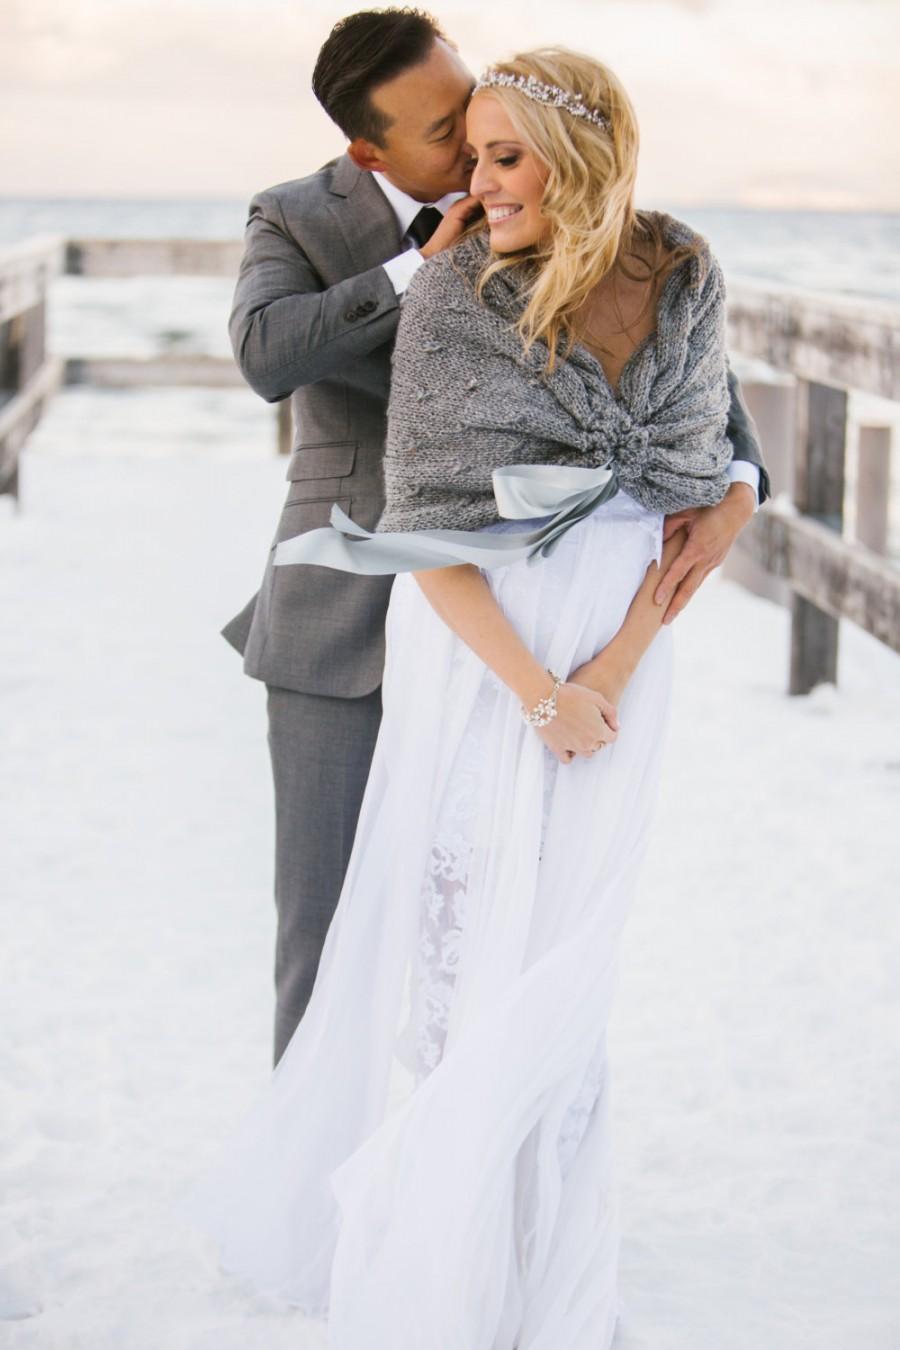 Mariage - Grey Wedding Shawl,Bridal Shrug Bolero,Bridal Wedding Stole, White Wedding Capelet,Wedding Cape,Bridal Cover up, Bridal Wrap,Wedding Shrug